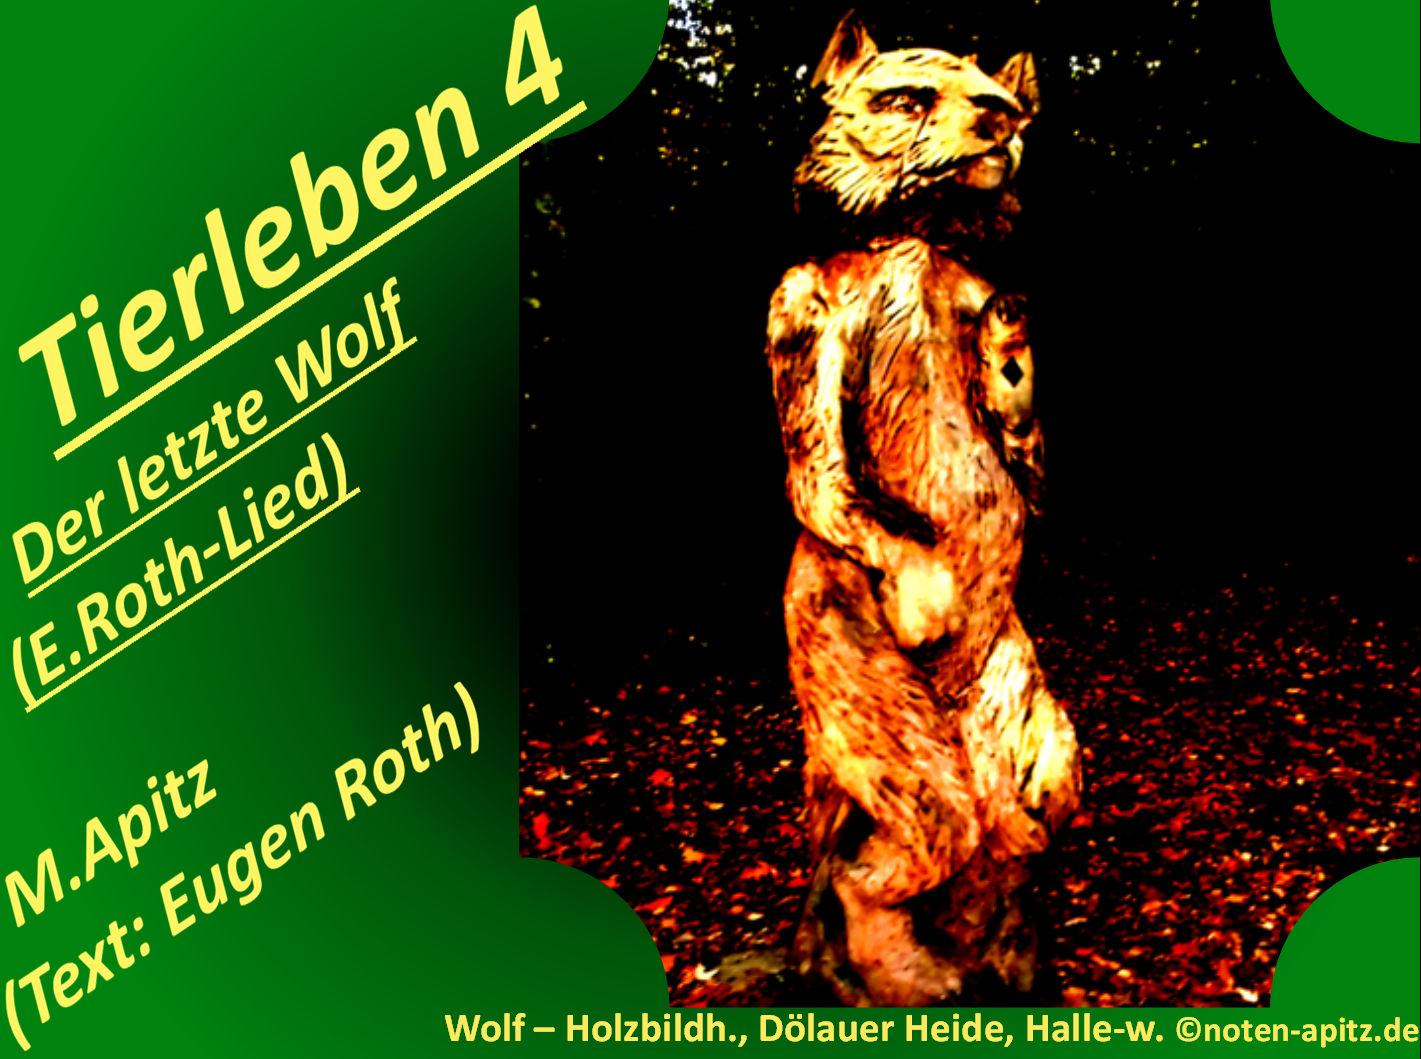 Tierleben 4 Der letzte Wolf (E. Roth-Lied) – Eugen Roth-Lieder; Manfred Apitz (Text: Eugen Roth); Wolf – Holzbildhauerkunst, Dölauer Heide, Halle-west Sparte: 20.+21. Jh. Konzert